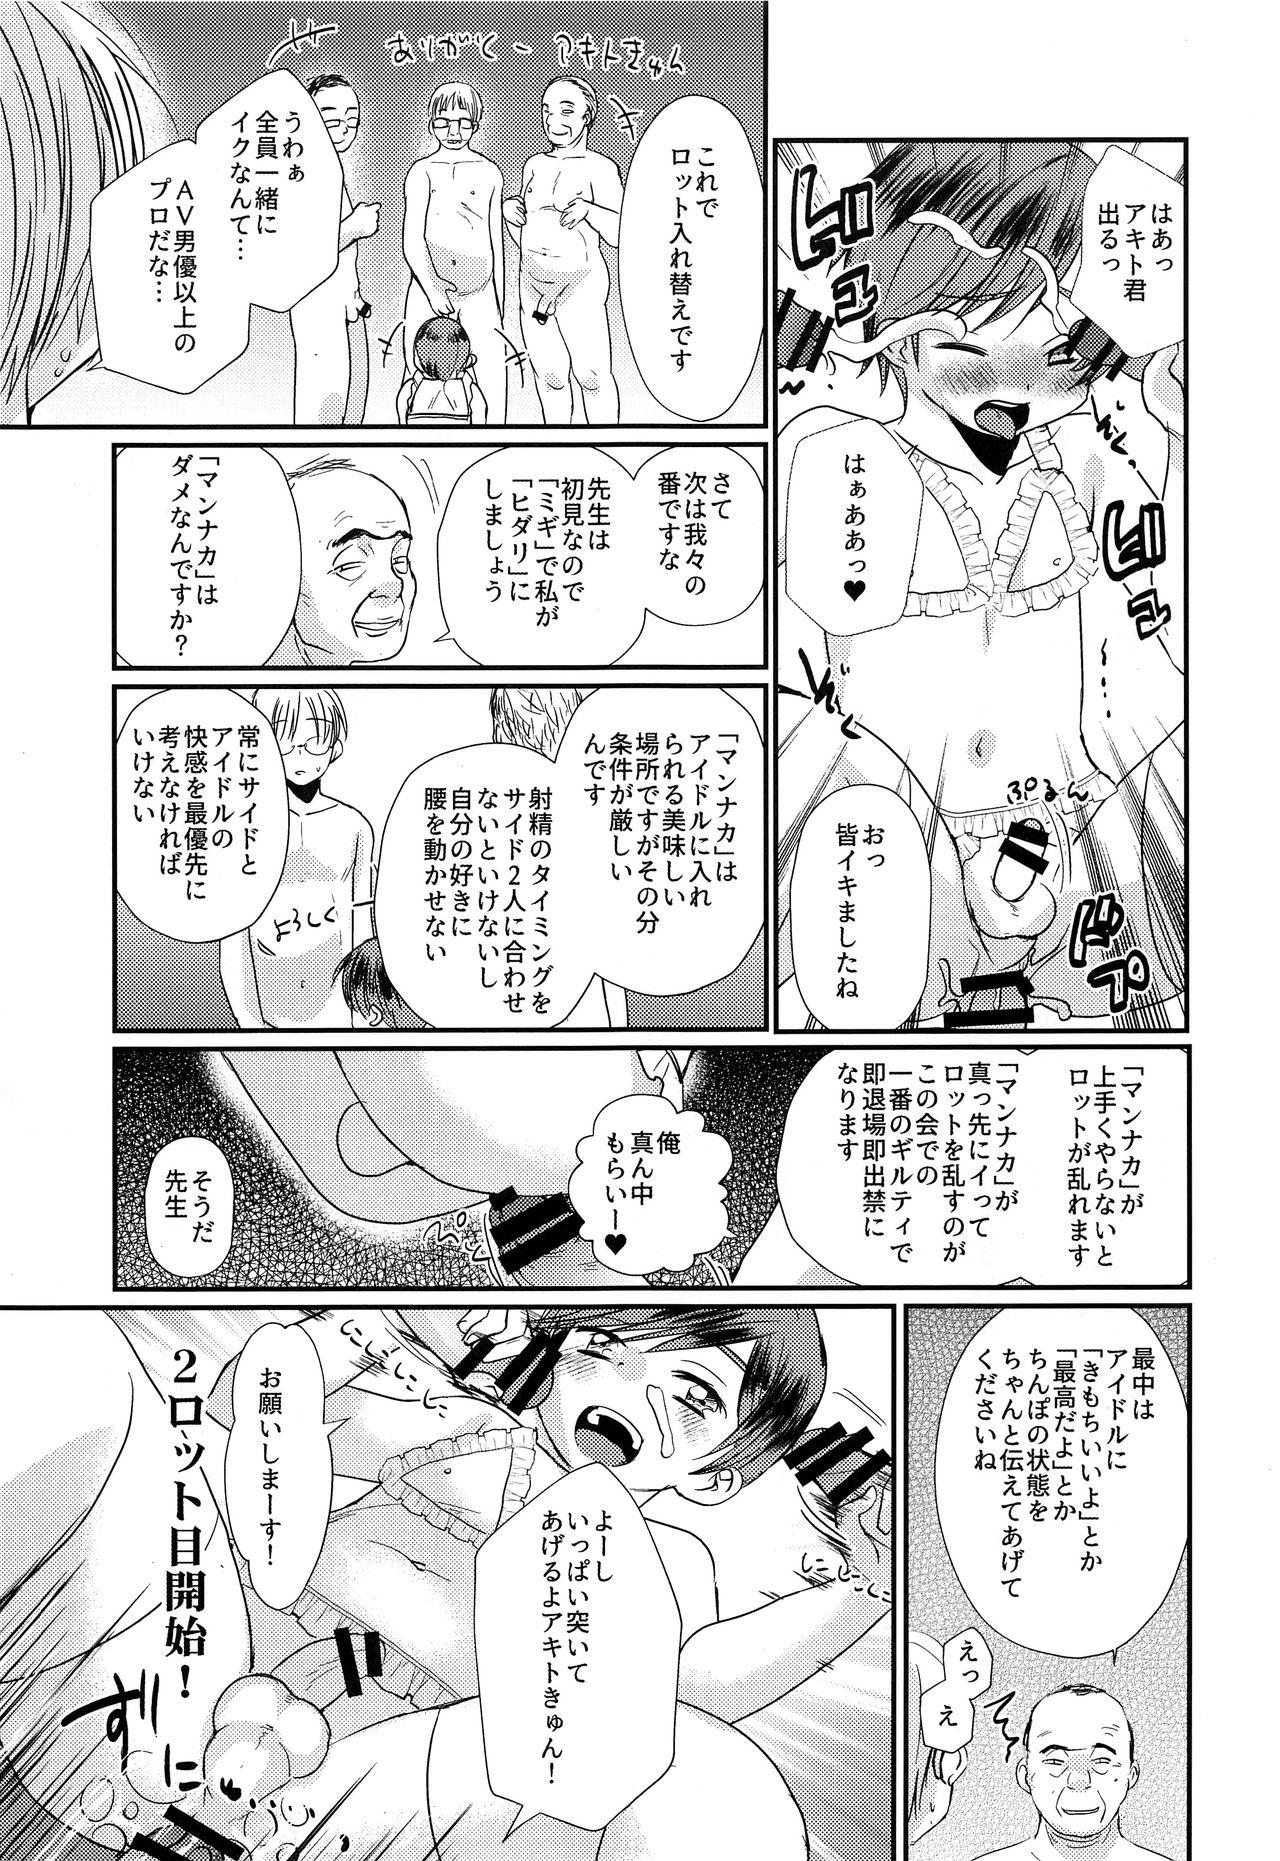 Tokumori! Shota Fuuzoku Saizensen 44